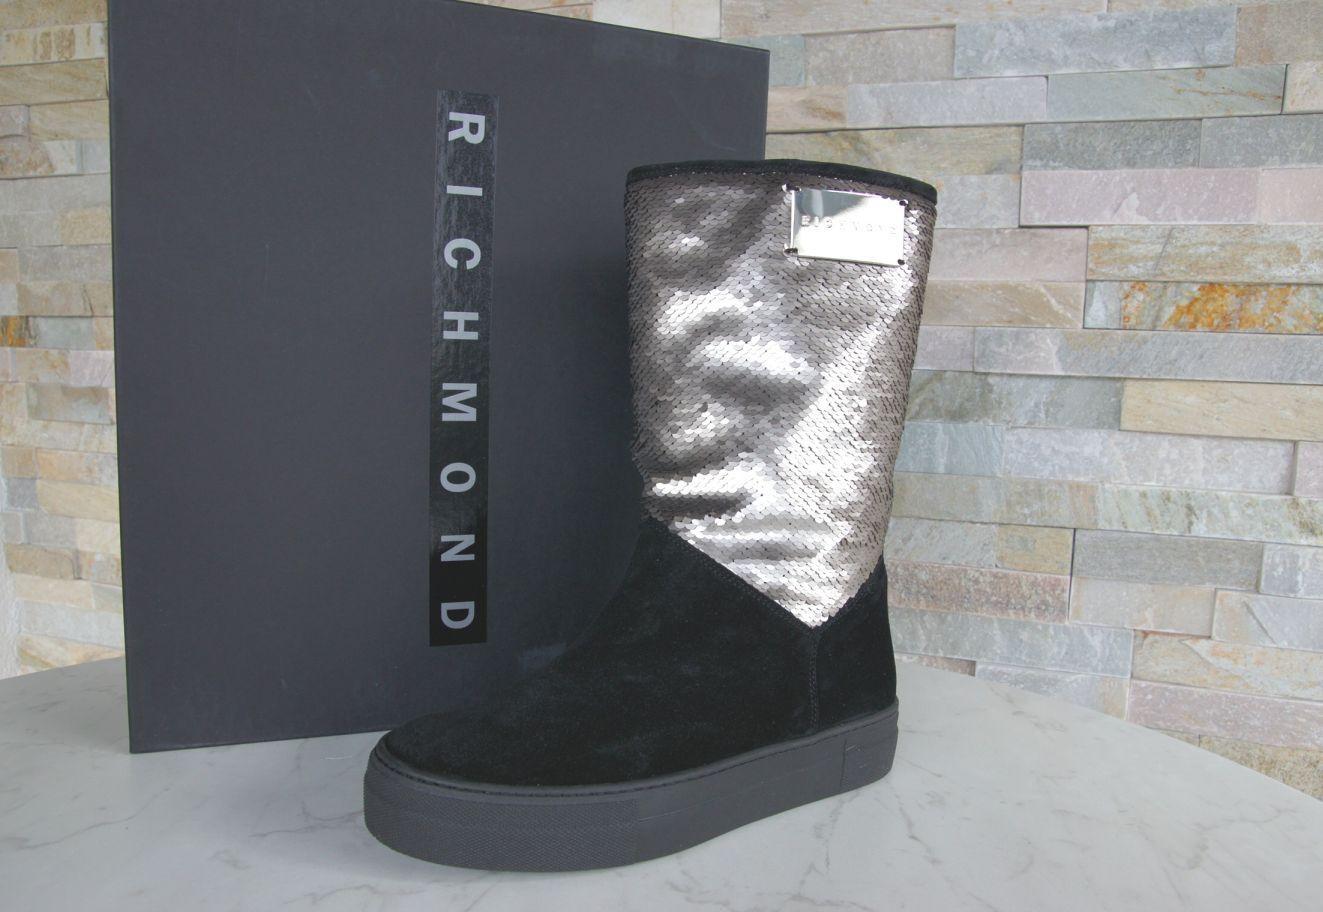 Richmond 36 Hiver Bottes Fourrure Chaussures Paillettes Neuf Autrefois